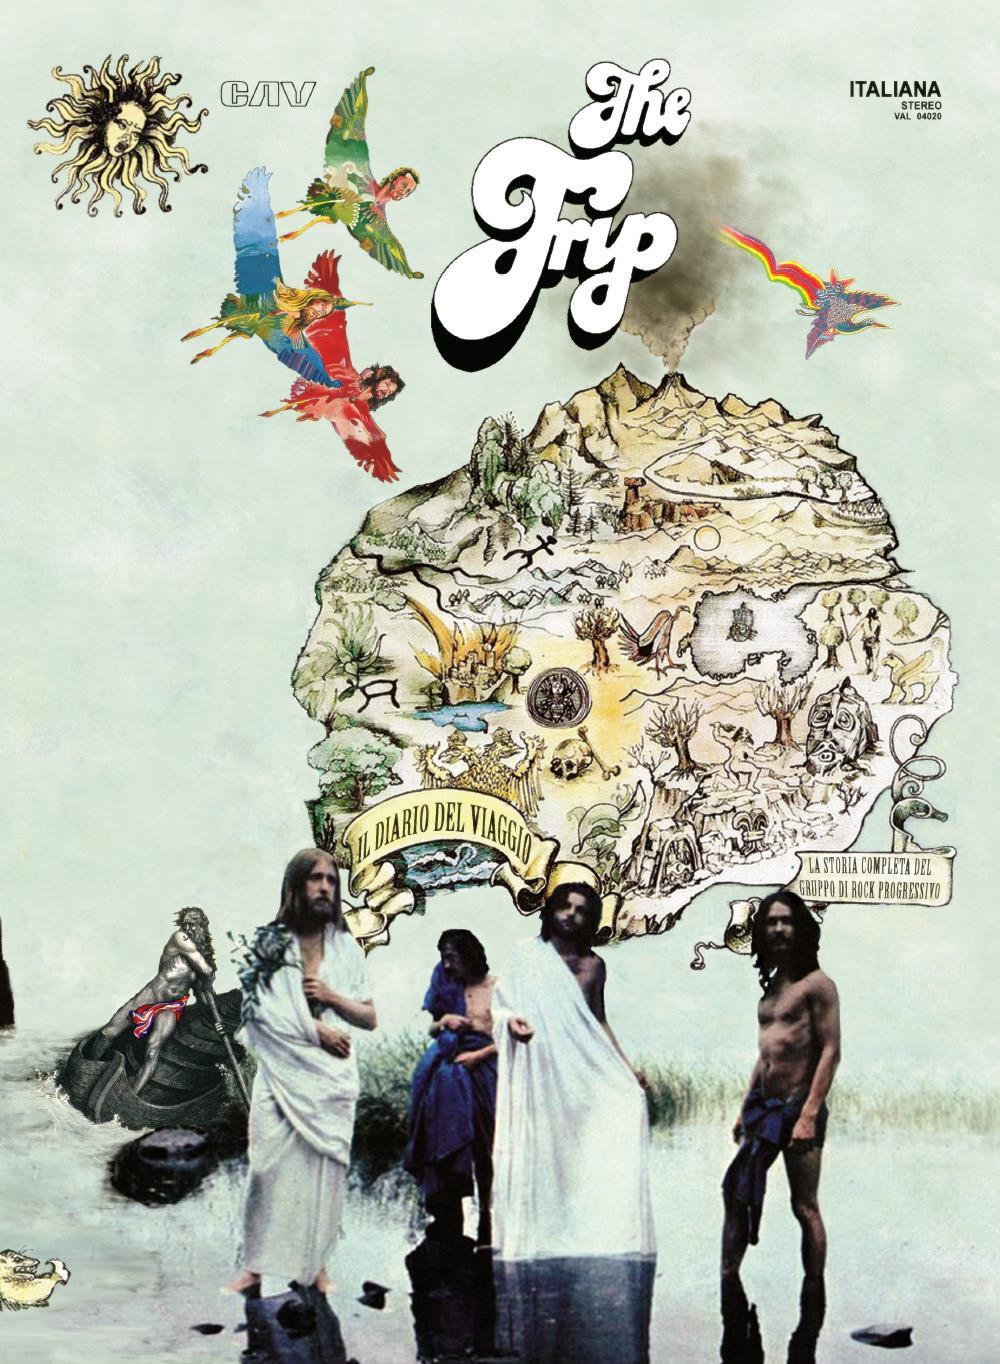 THE TRIP - IL DIARIO DEL VIAGGIO: la storia completa del gruppo di rock progressivo